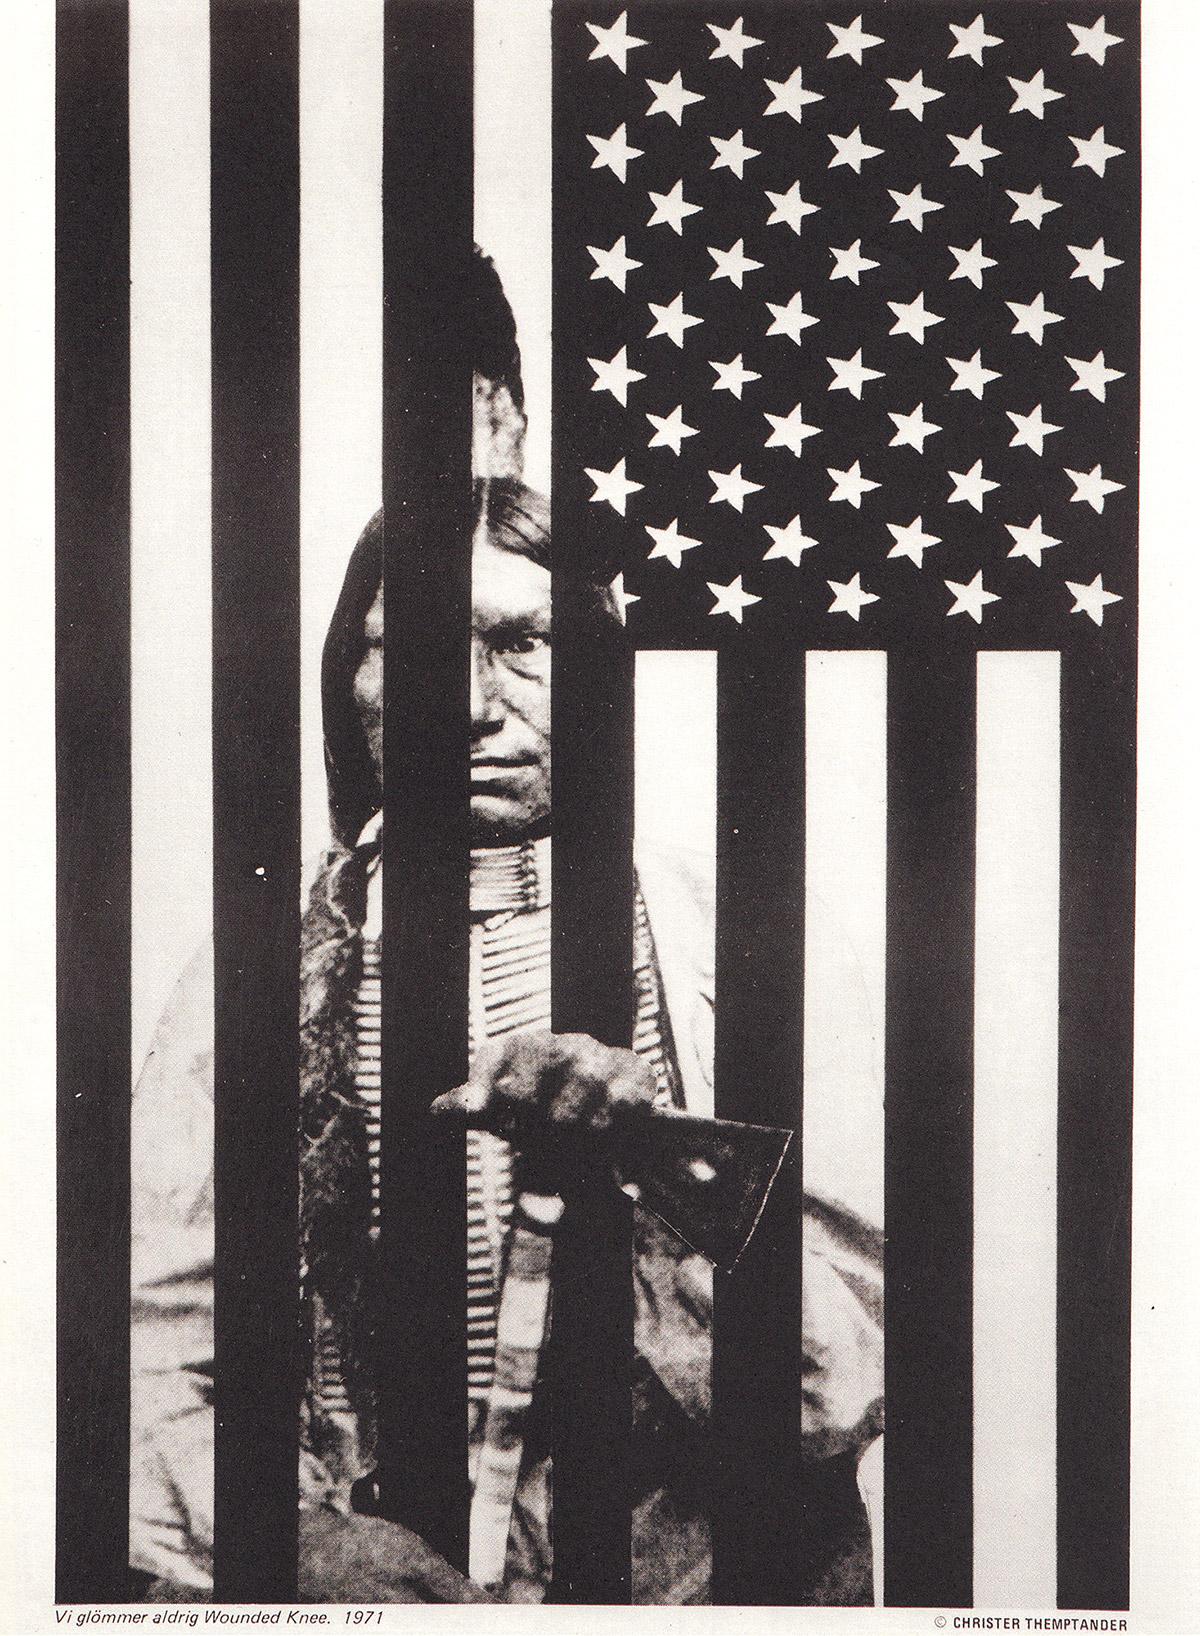 Vi glömmer aldrig Wounded Knee fotomontage av Christer Themptander 1971